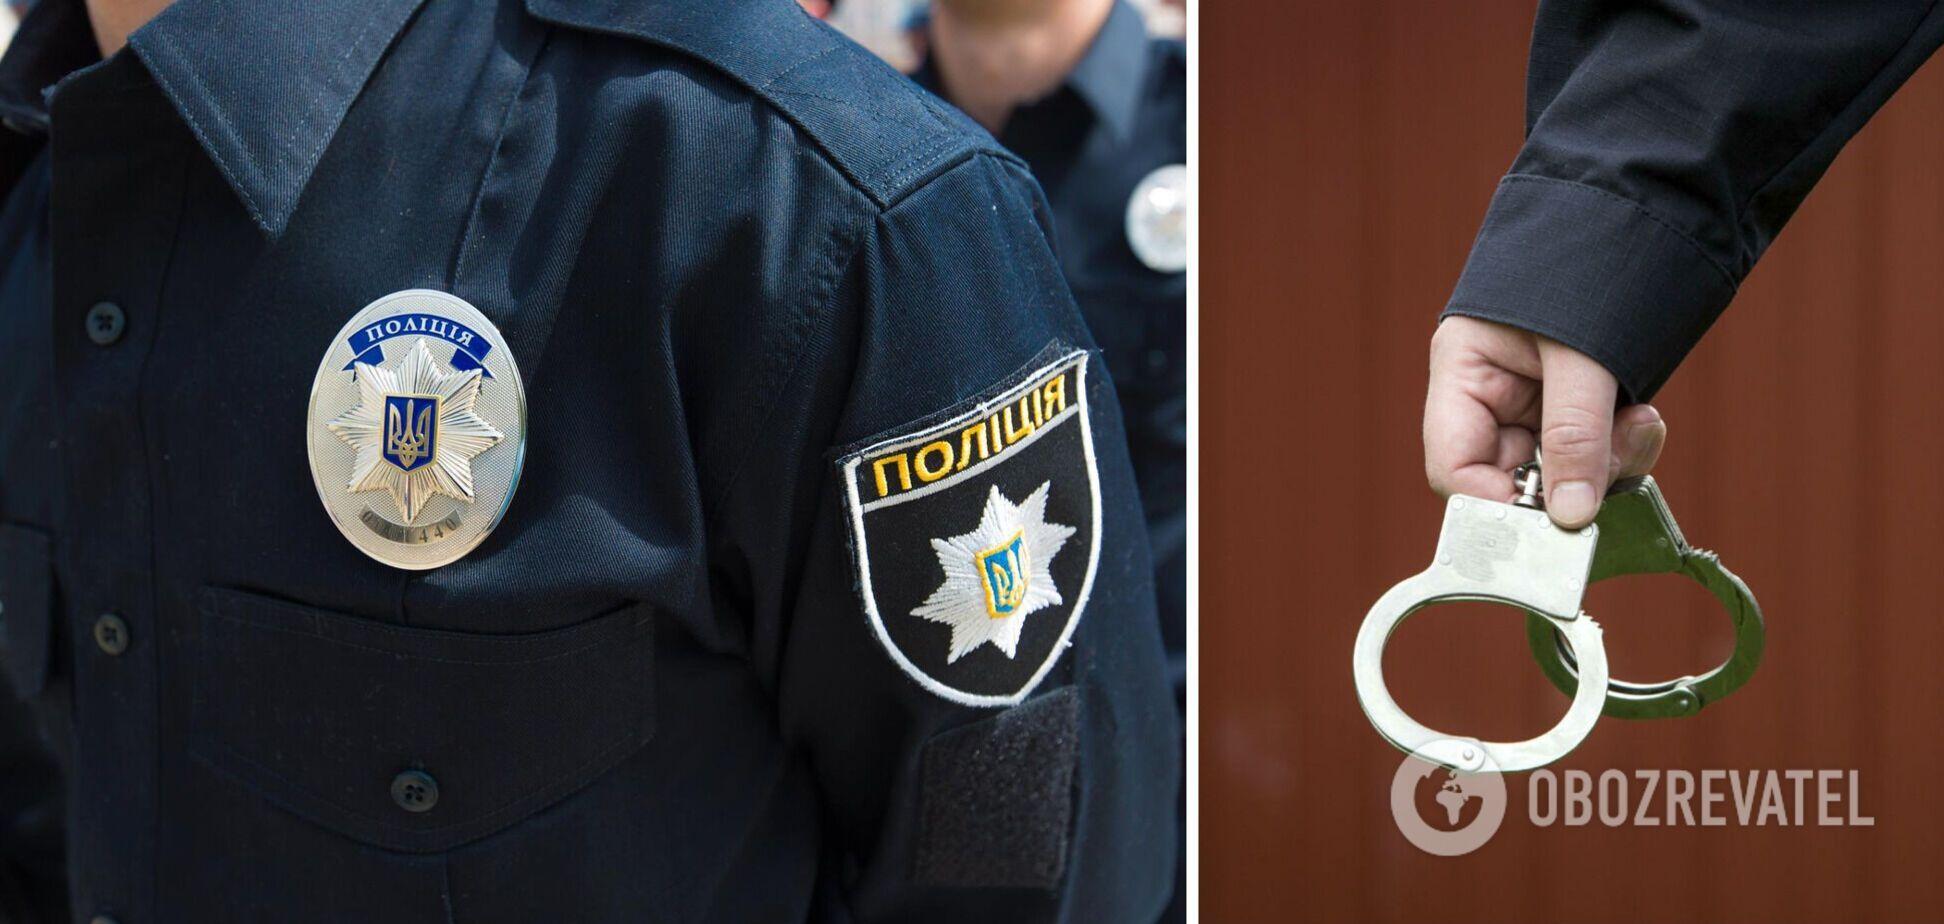 Поліція оголосила підозру в організації злочинної сходки злодію в законі та смотрящим Новгород-Сіверської колонії